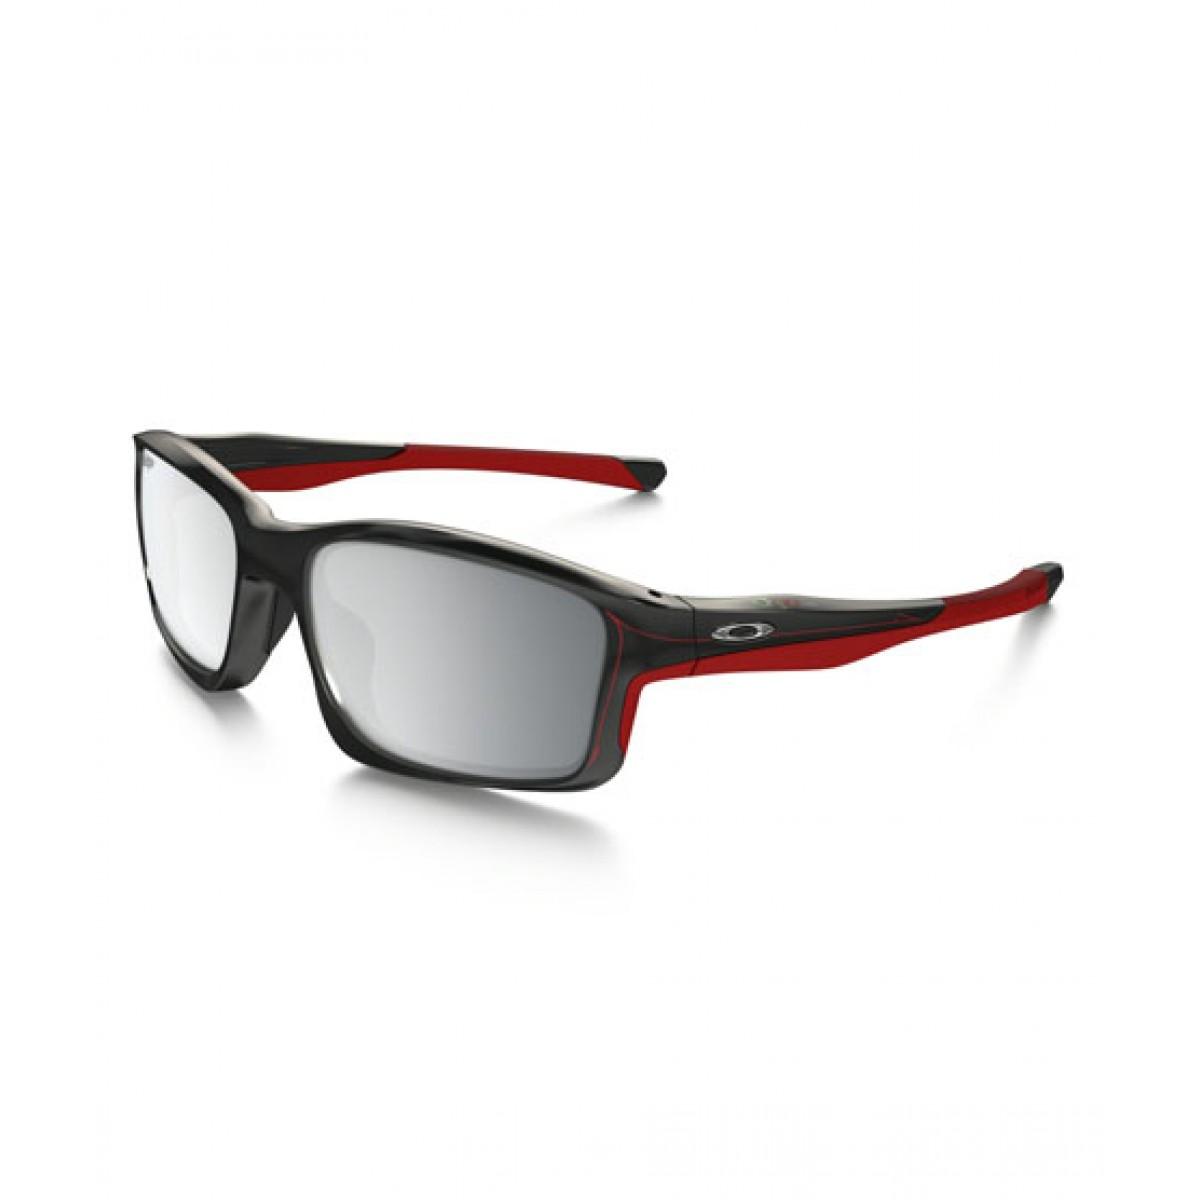 0fa7e5b8a88 Oakley HD Men s Sunglasses Price in Pakistan